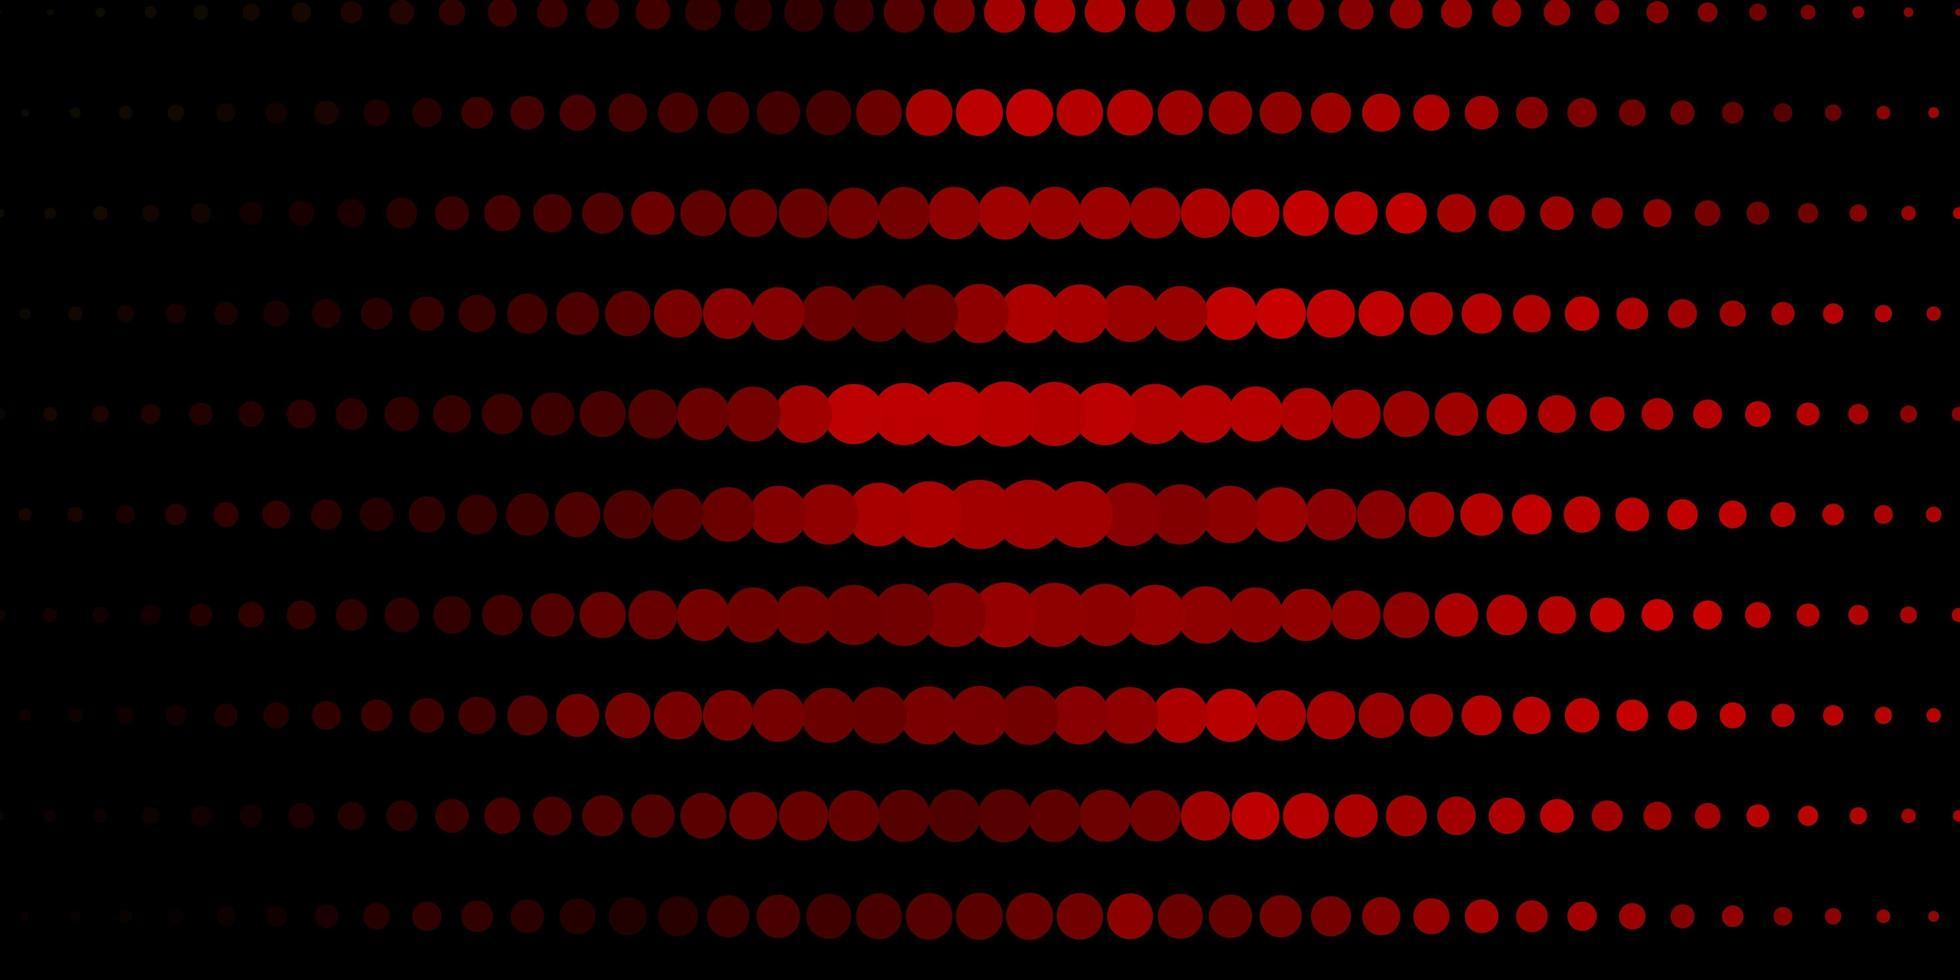 donkerrood vectorpatroon met cirkels. vector